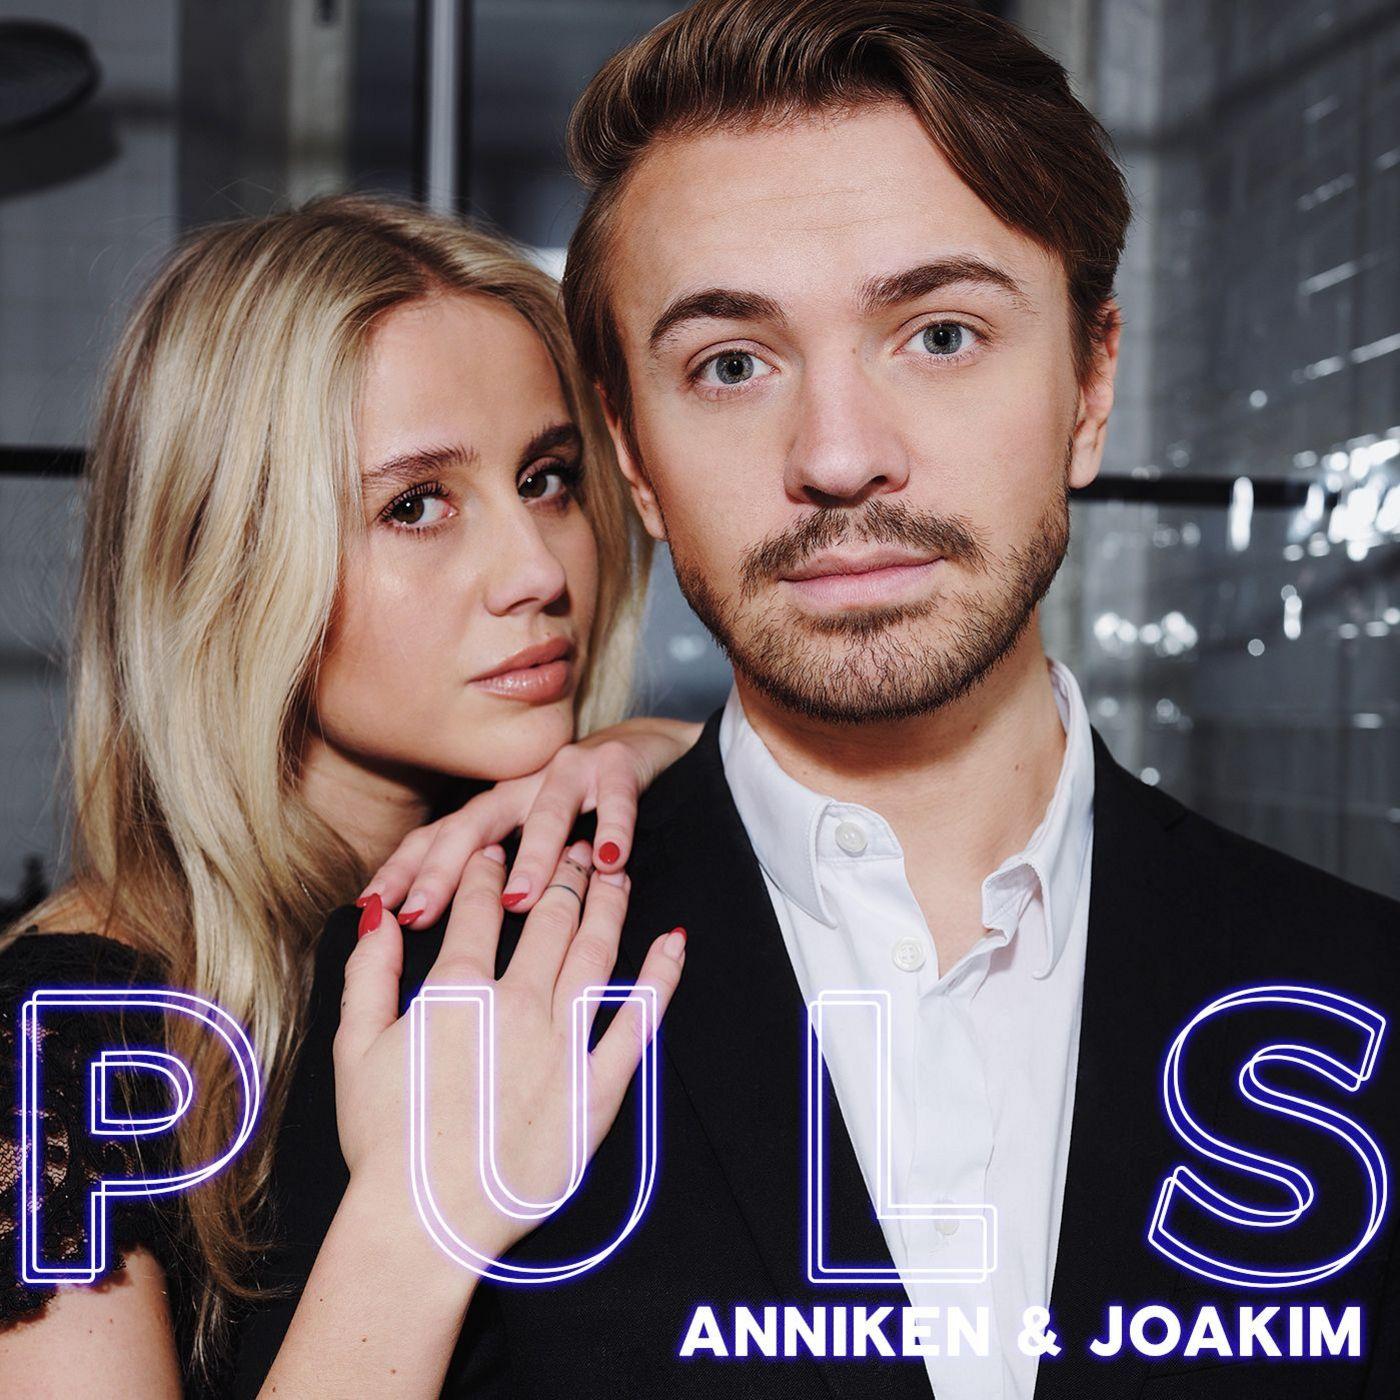 PULS - Anniken og Joakim